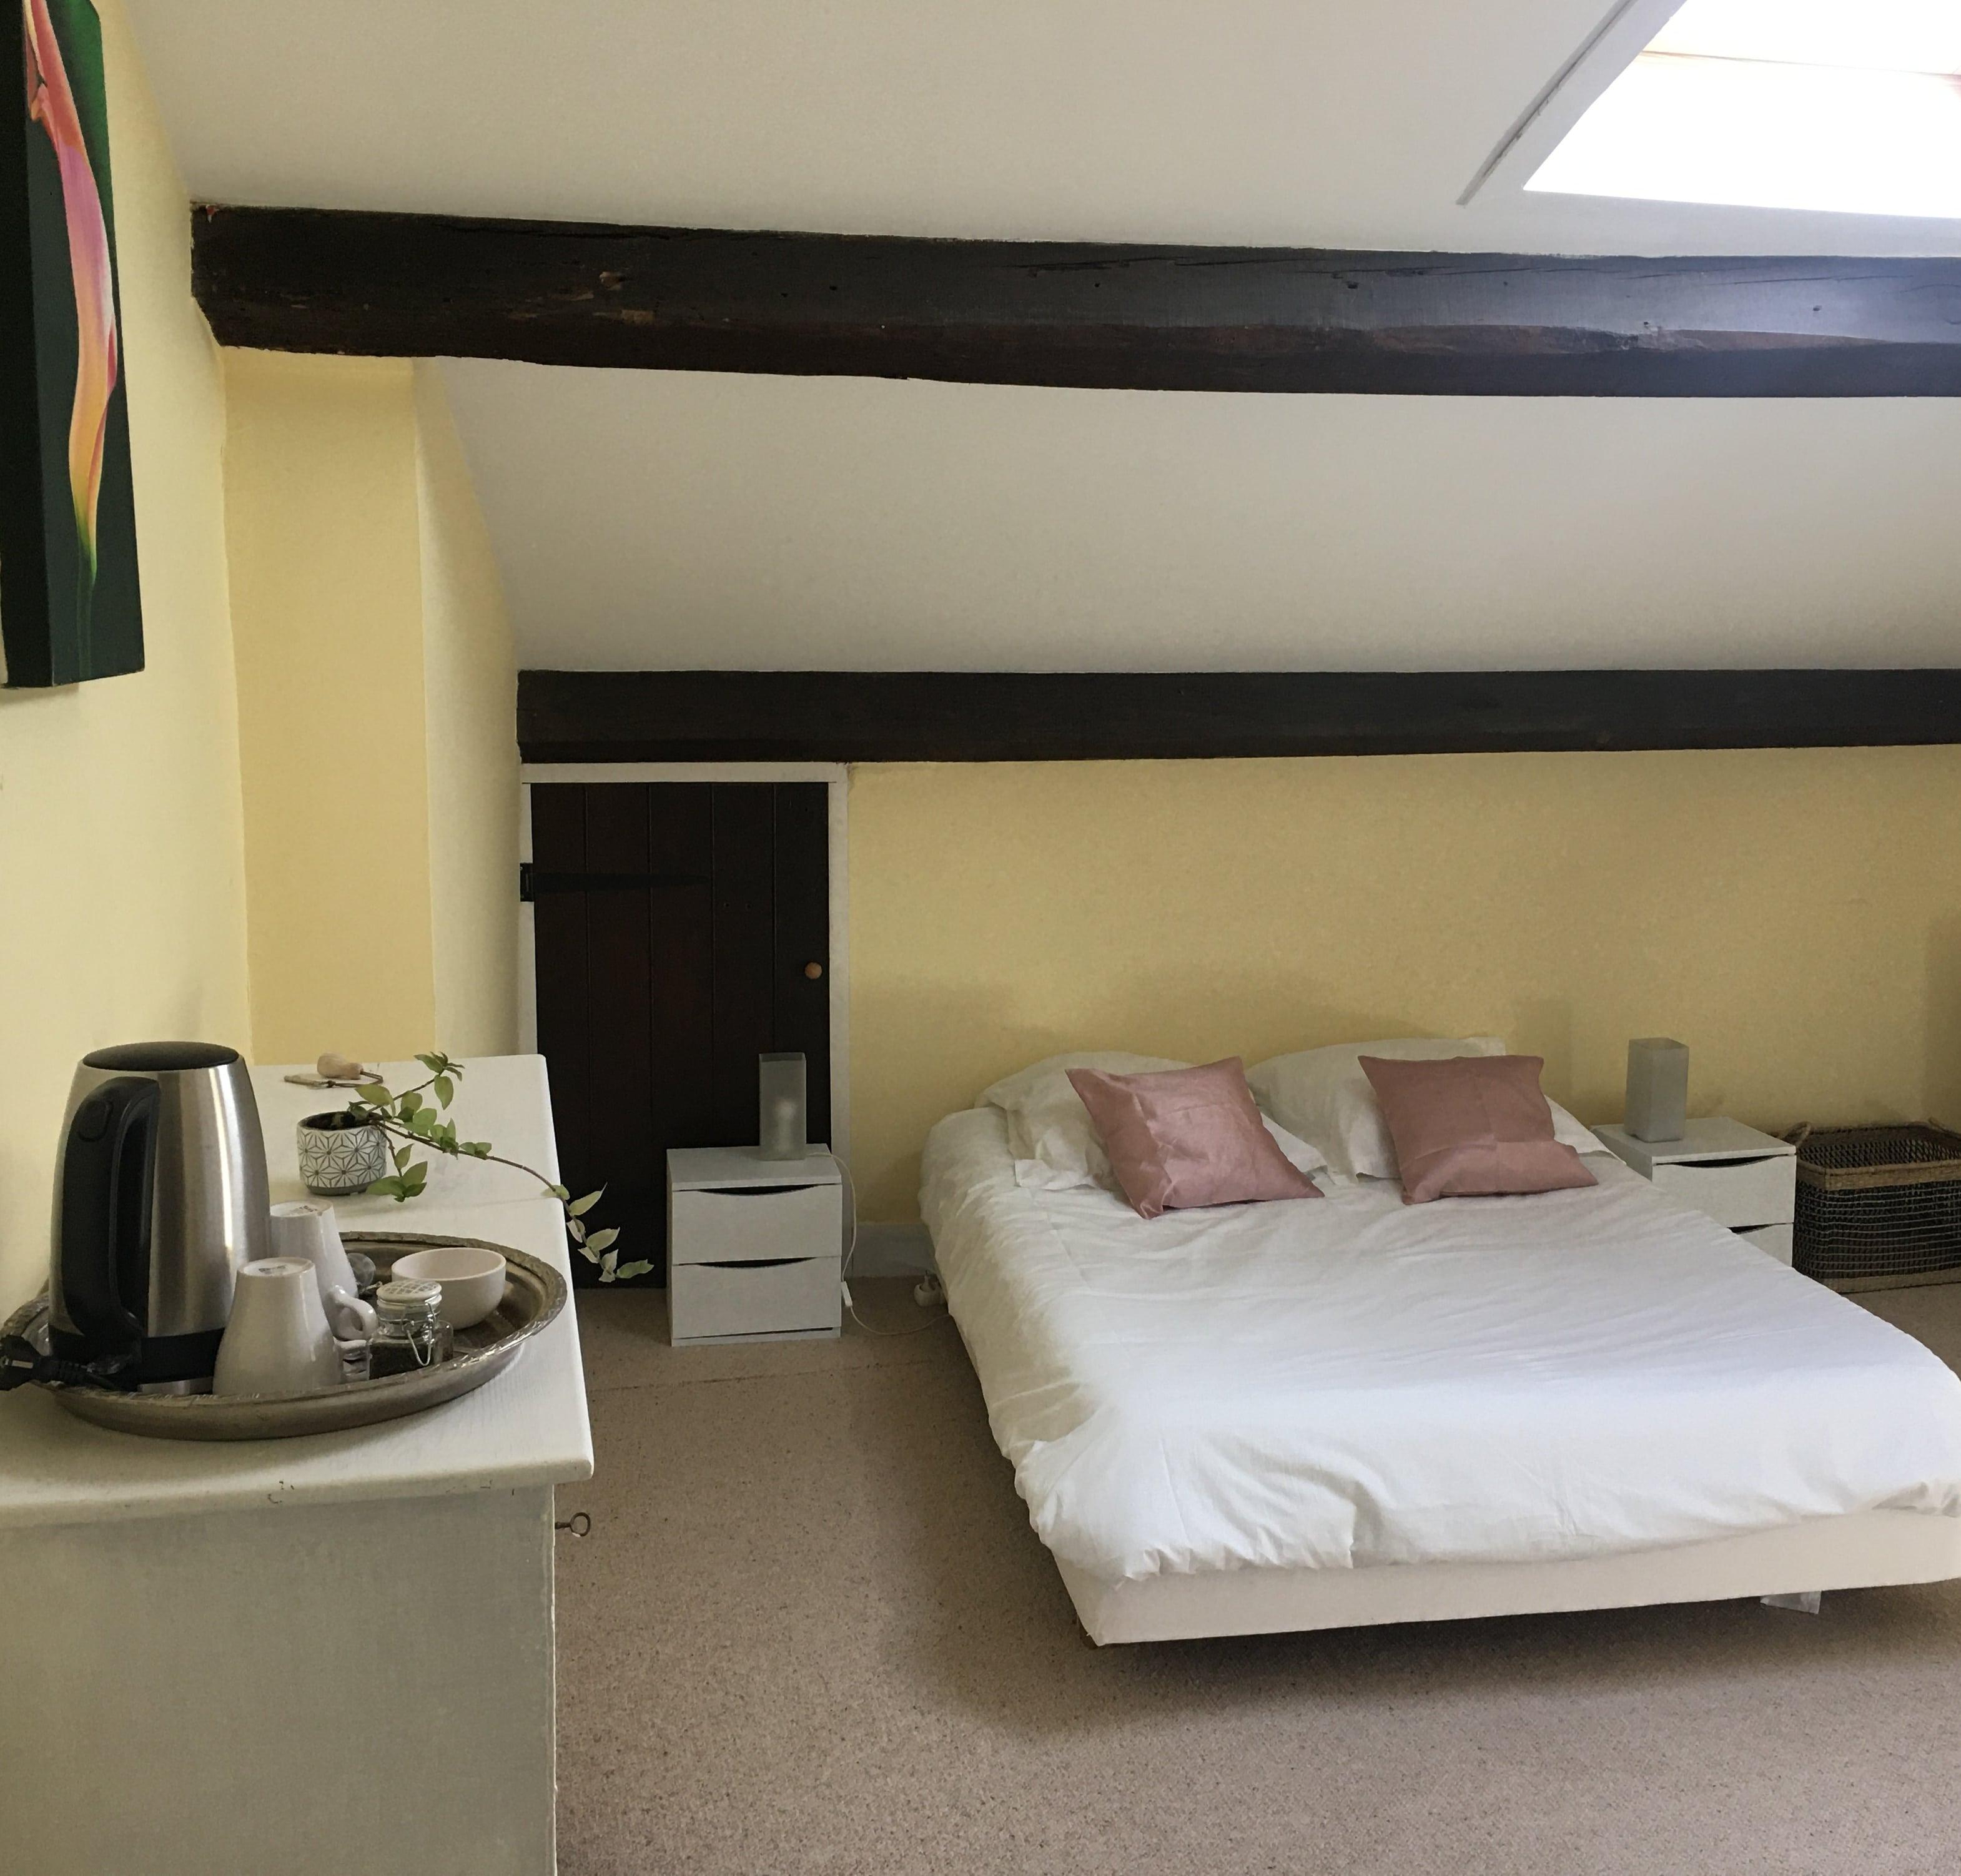 Chambre dortoir pèlerins 2 : lit individuel ou double